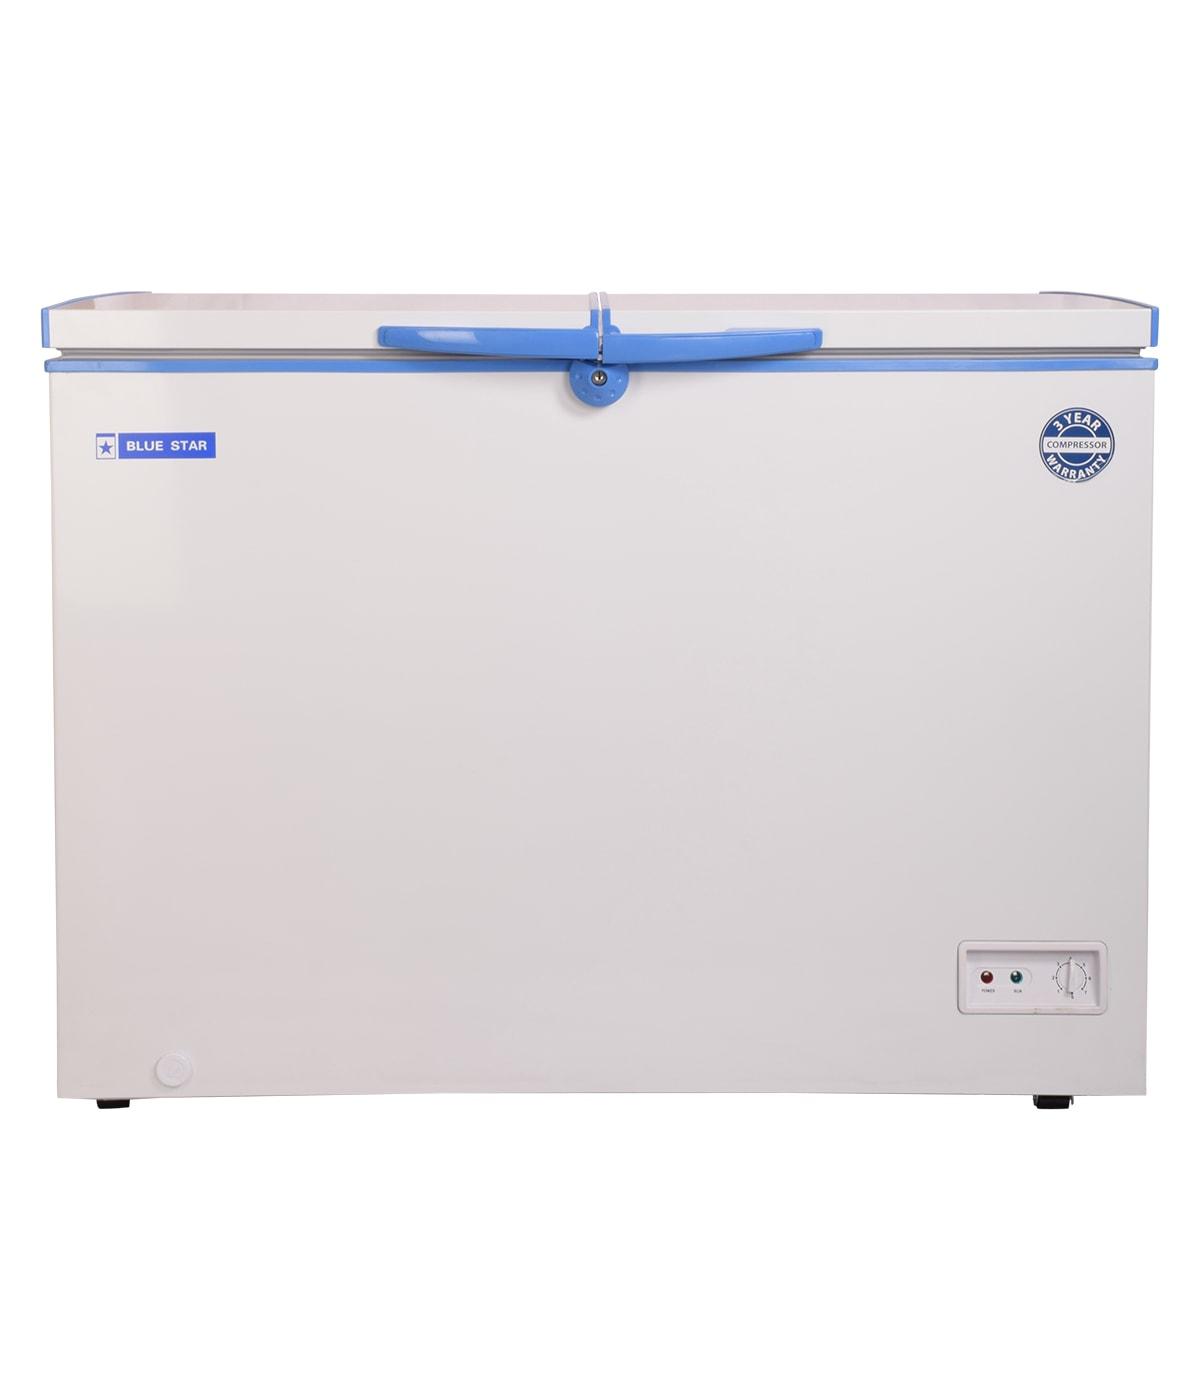 CHFDD300 - Blue Star 300 Liter Double Door Deep Freezer